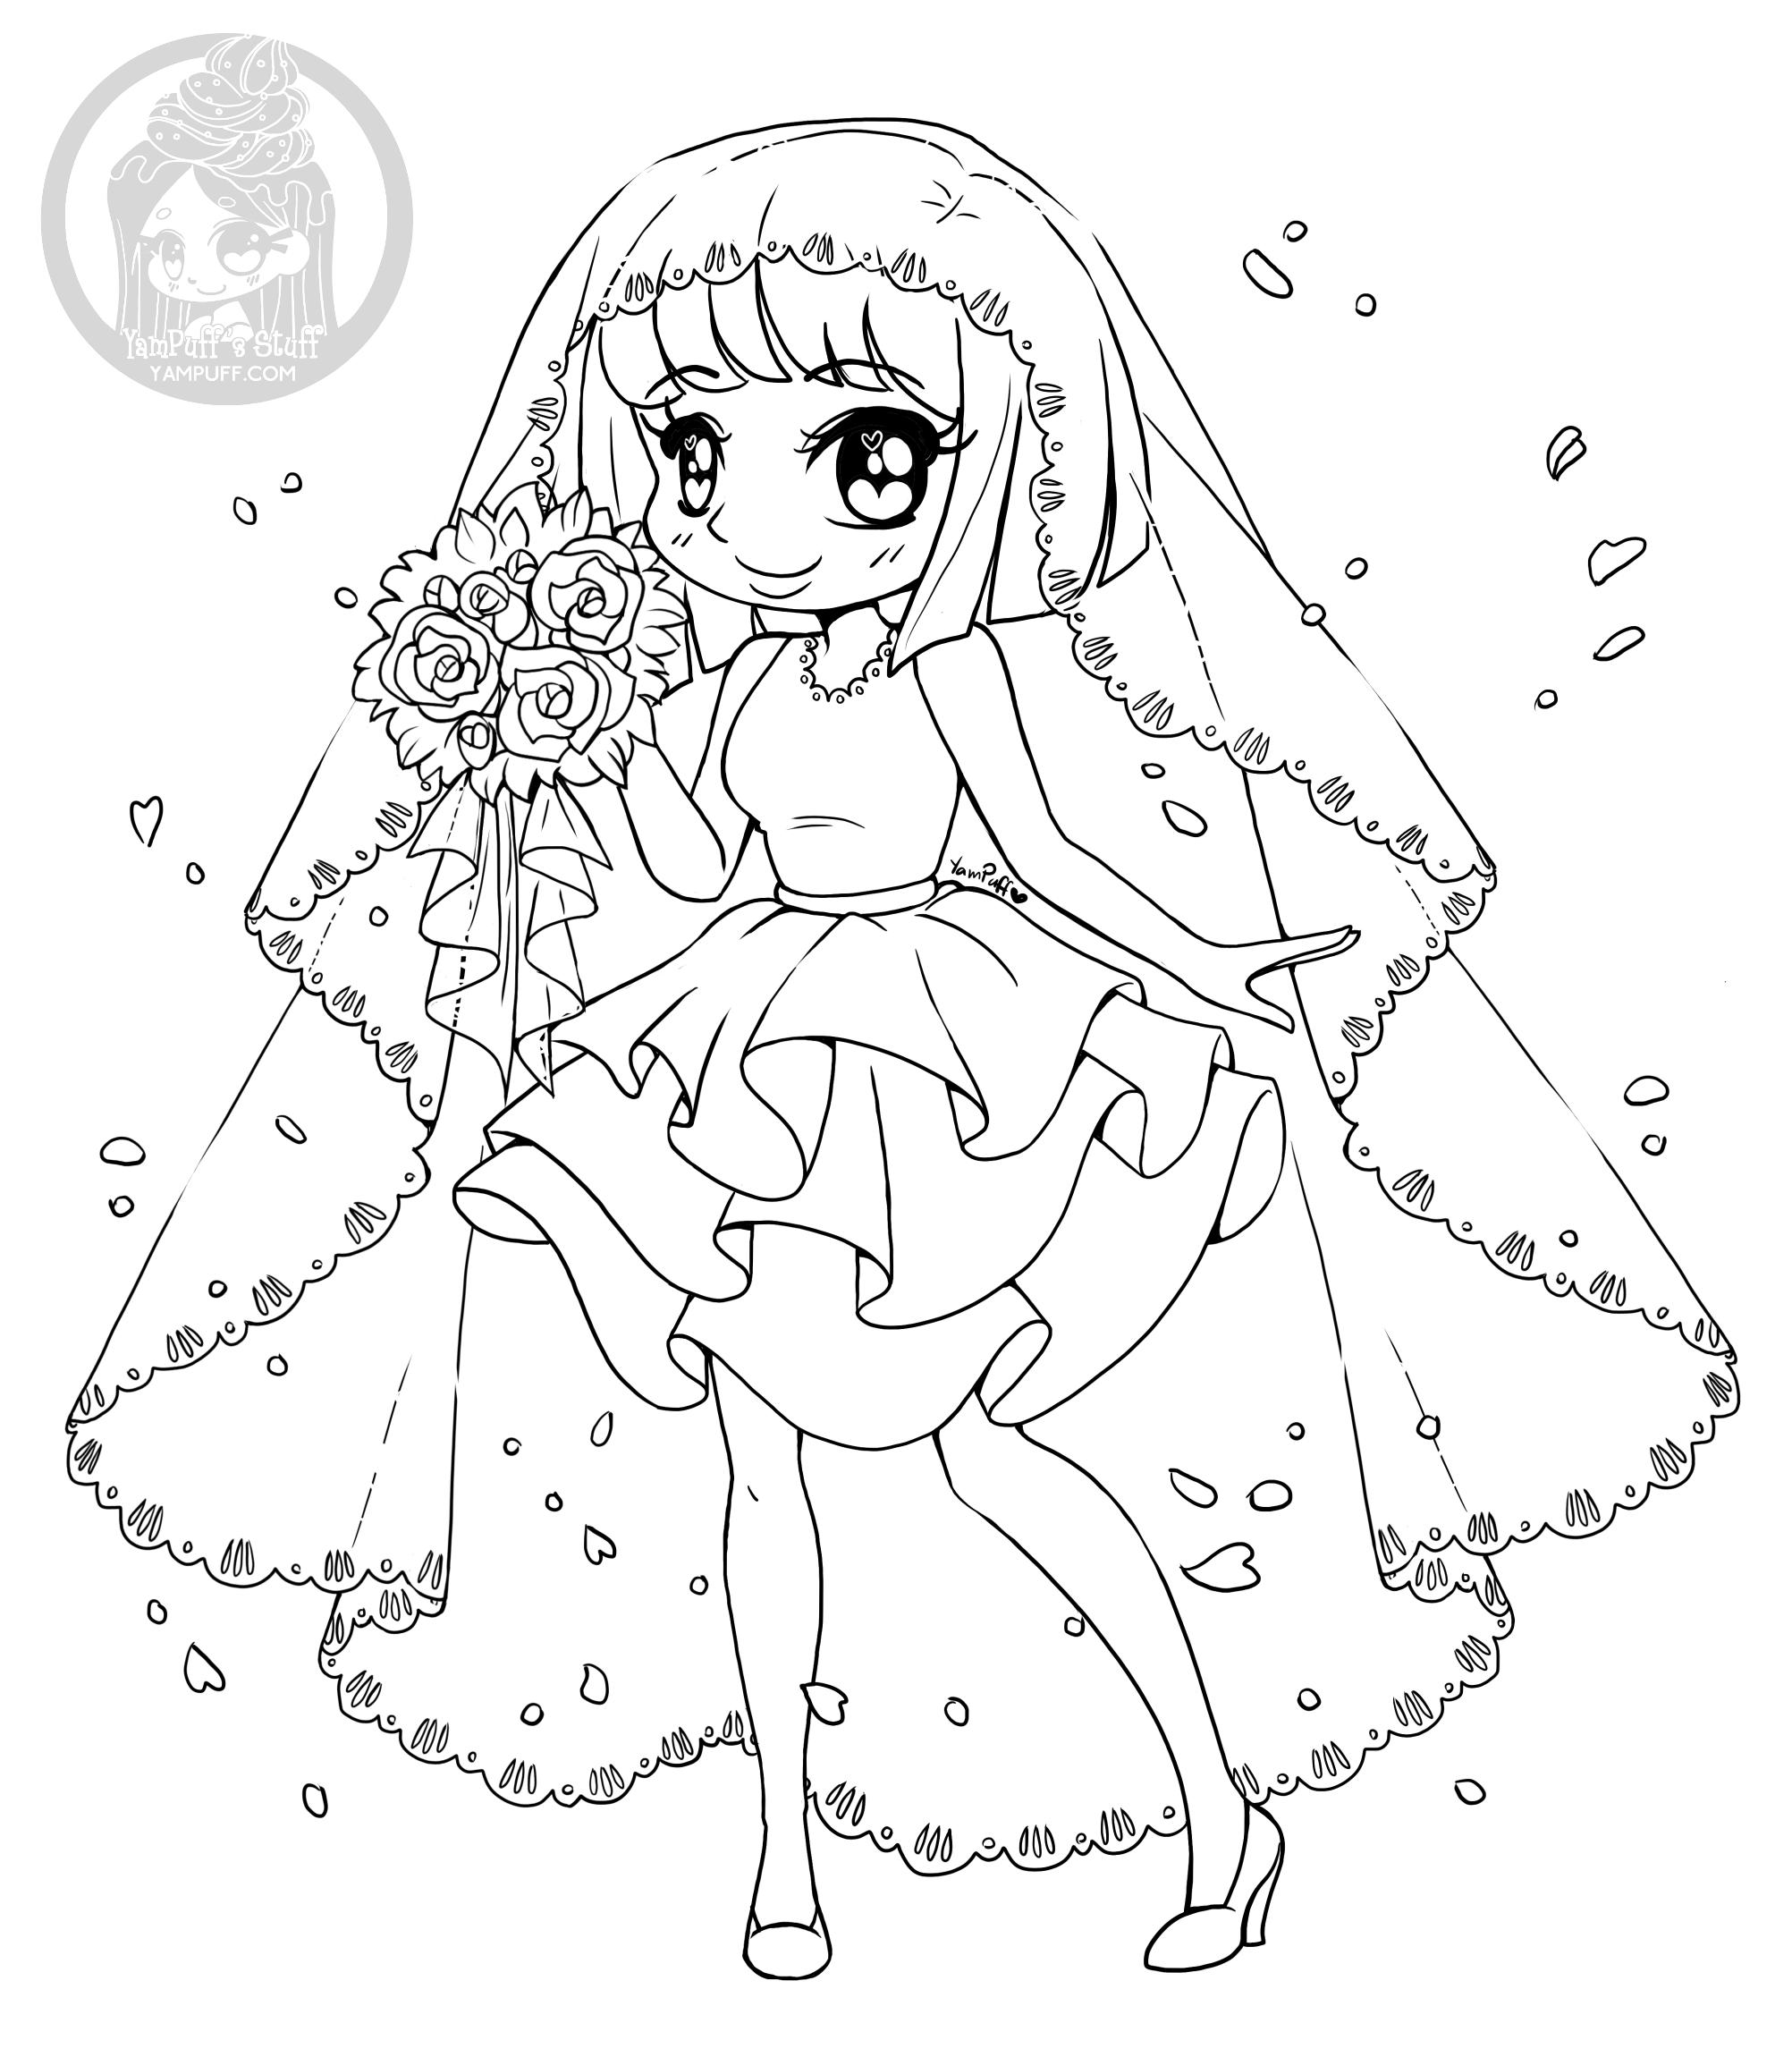 Bride Coloring Page By Yampuff Yampuff S Stuff